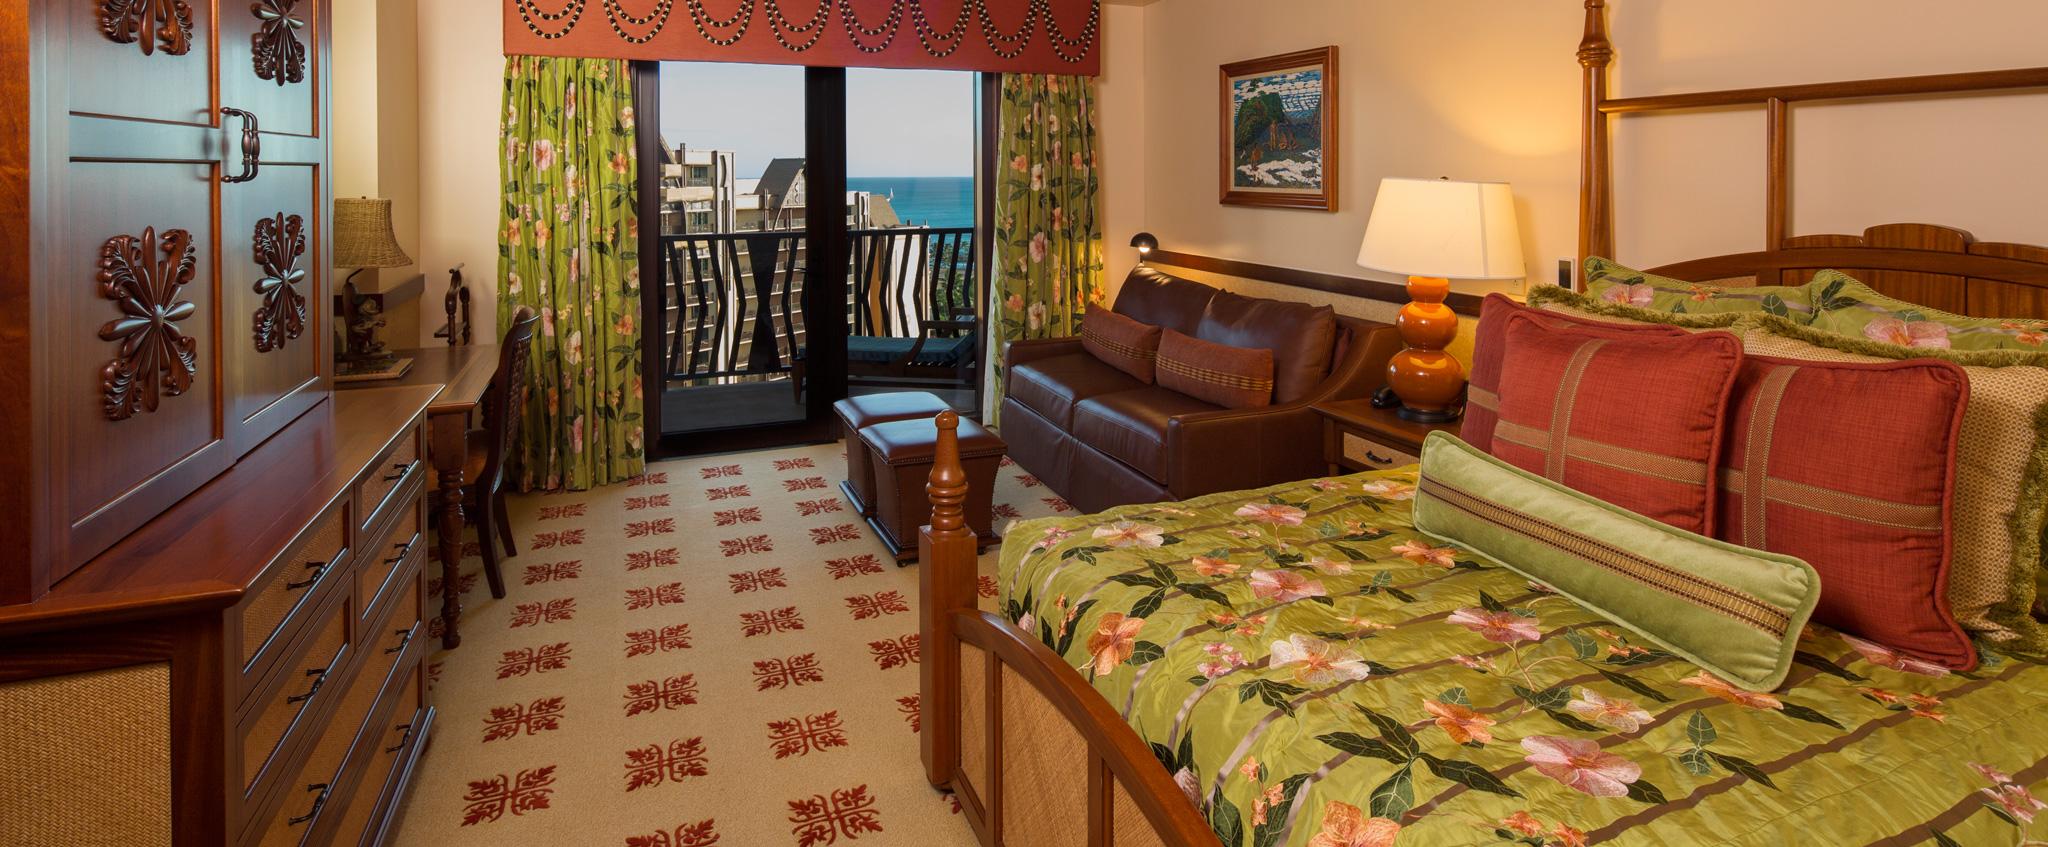 Best 2 bedroom suite deals in vegas